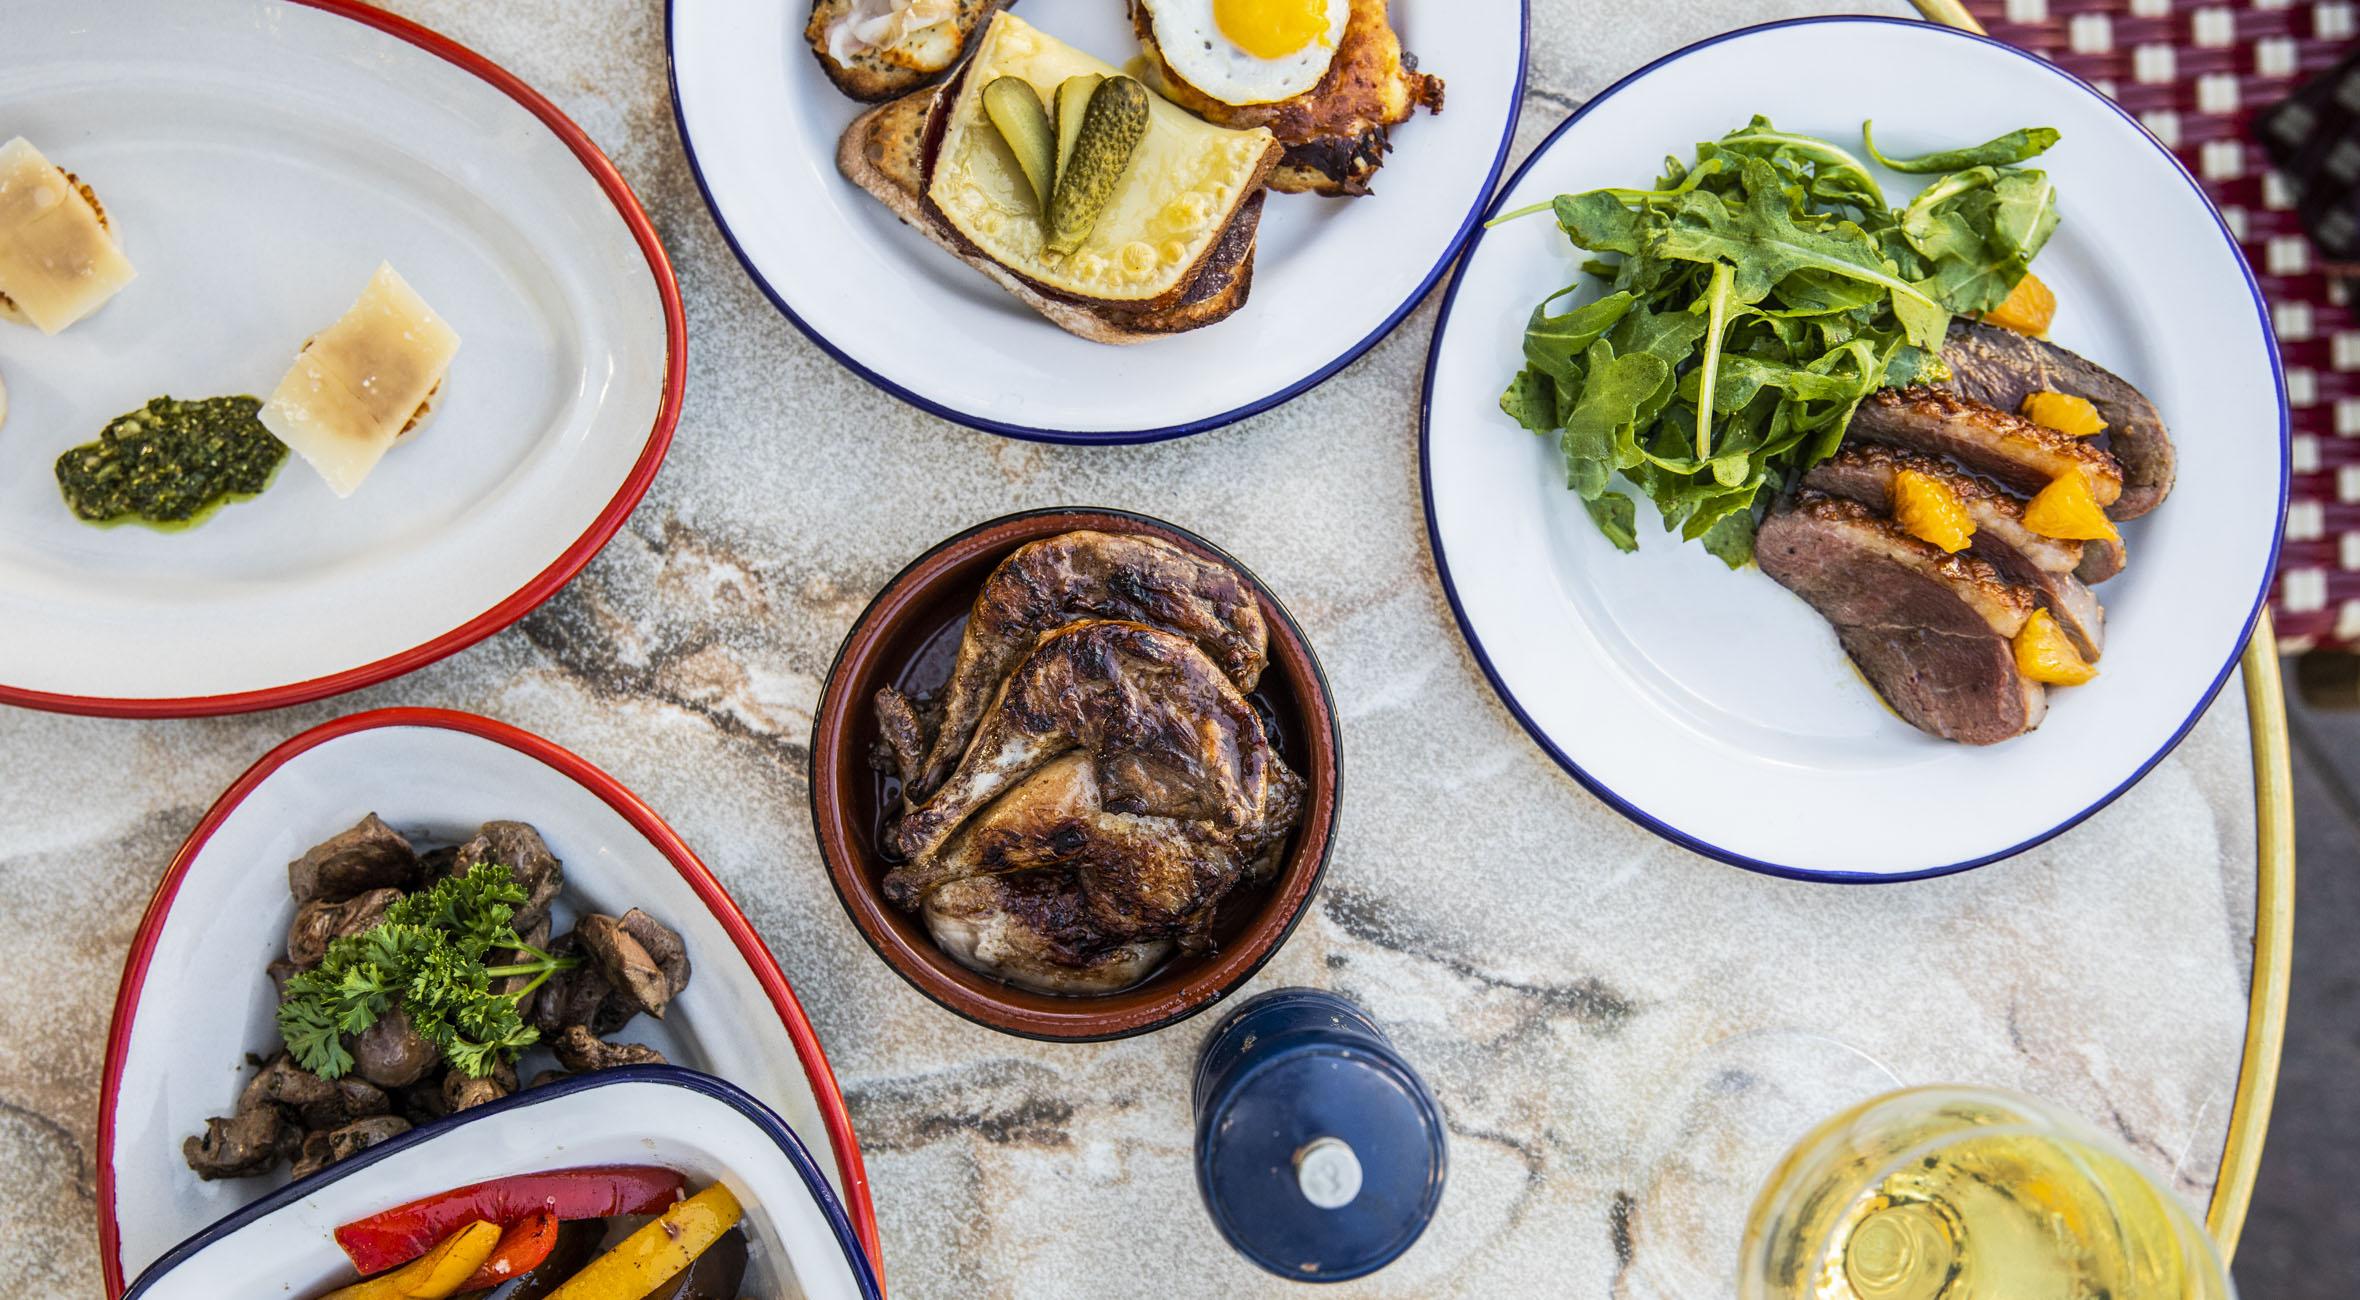 Frit valg til alt hos Plancha & Gratiné – Ma Poule har åbnet spise- & vinbar i Torvehallerne, og rygtet er løbet stærkt